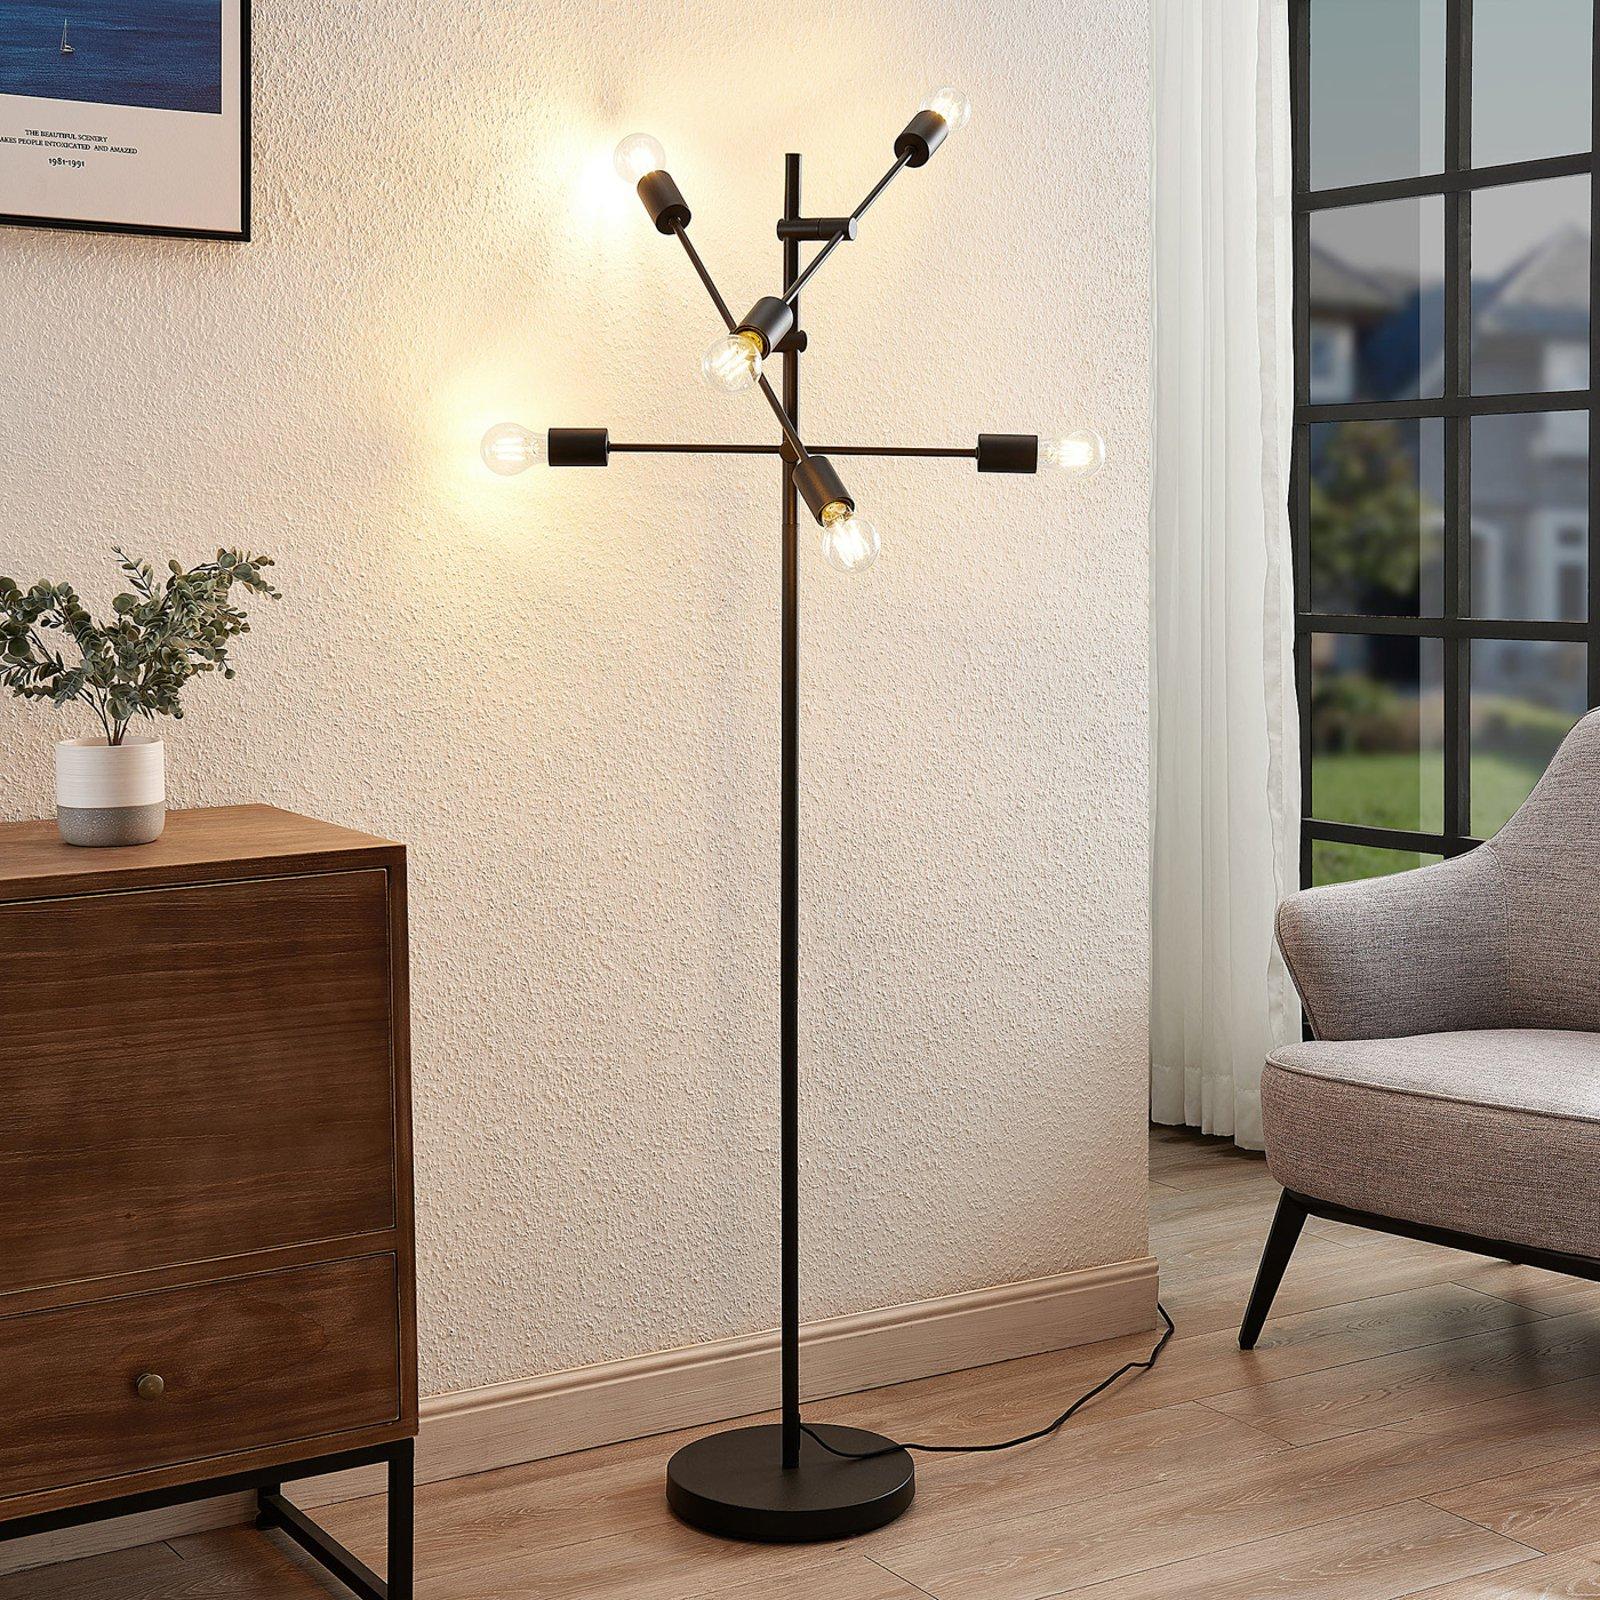 Lindby Estar gulvlampe av metall, seks lyskilder